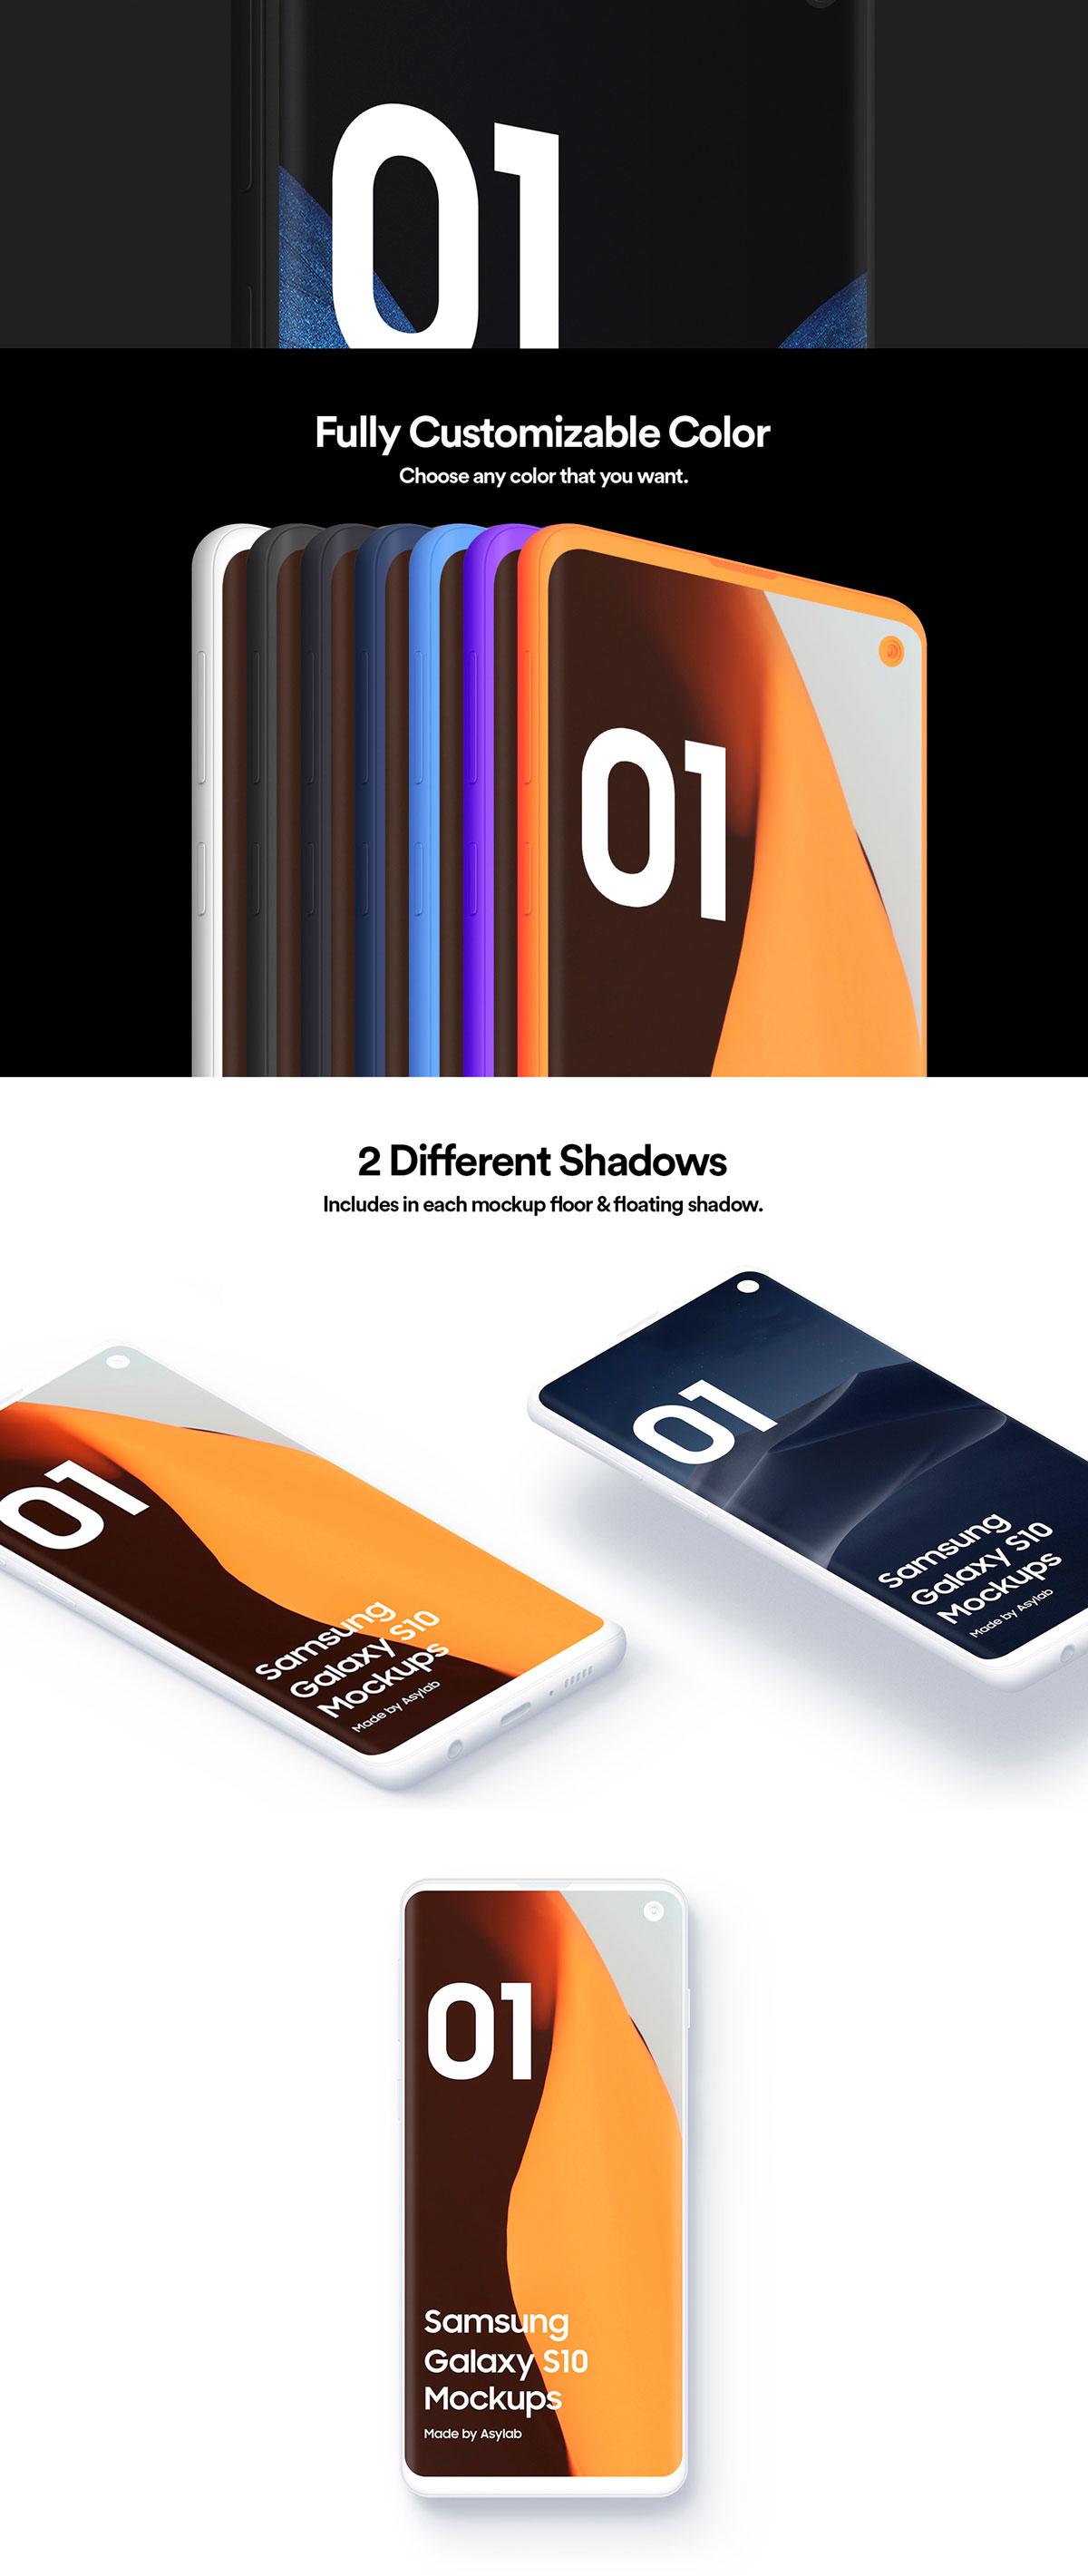 陶瓷质感三星Galaxy S10智能手机样机模板 Samsung Galaxy S10 – 21 Clay Mockups插图(9)